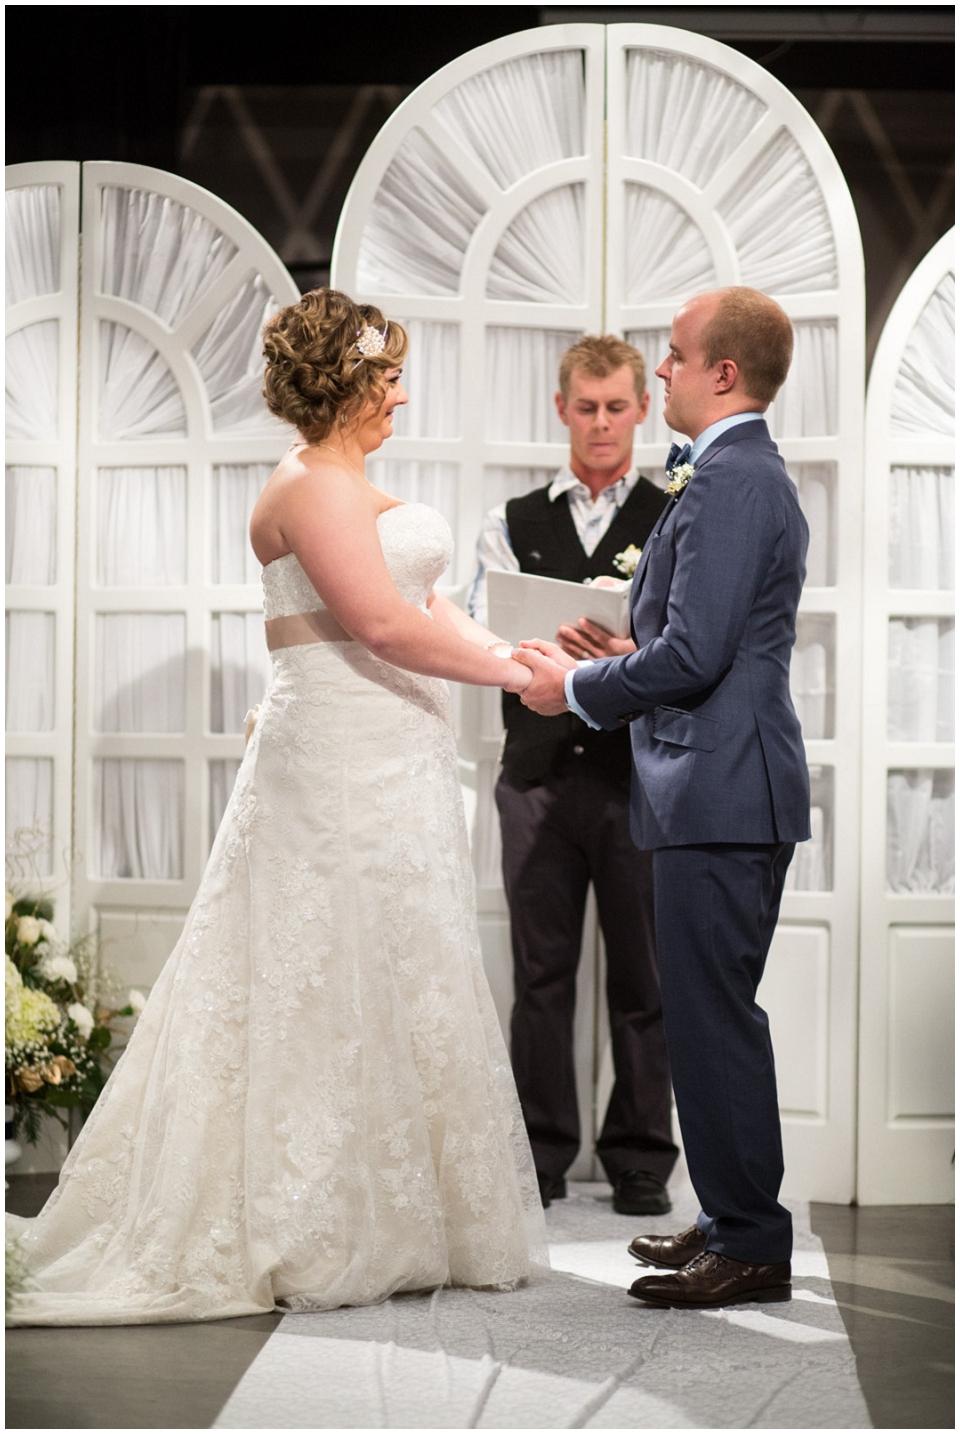 AaronCJ_Omaha_Wedding_Photographers-029.jpg